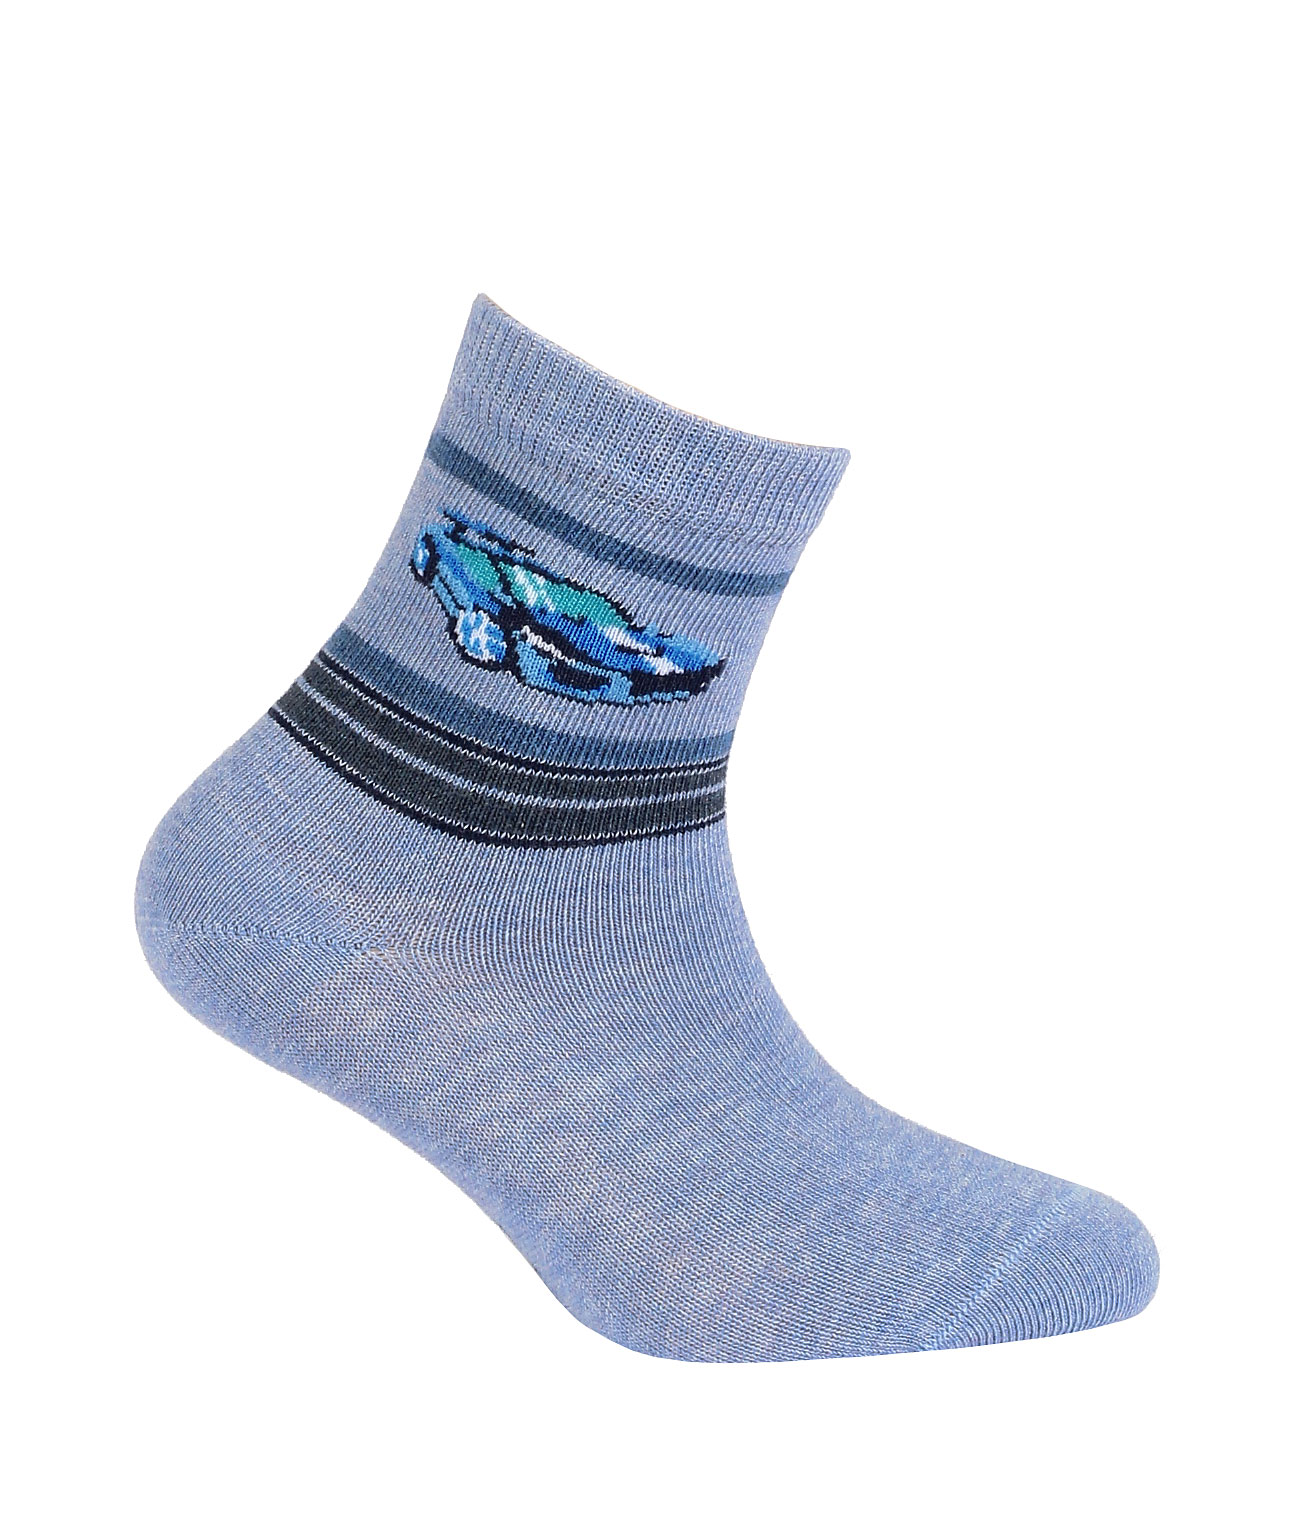 dětské ponožky vzor GATTA SPORTOVNÍ AUTO 27-29